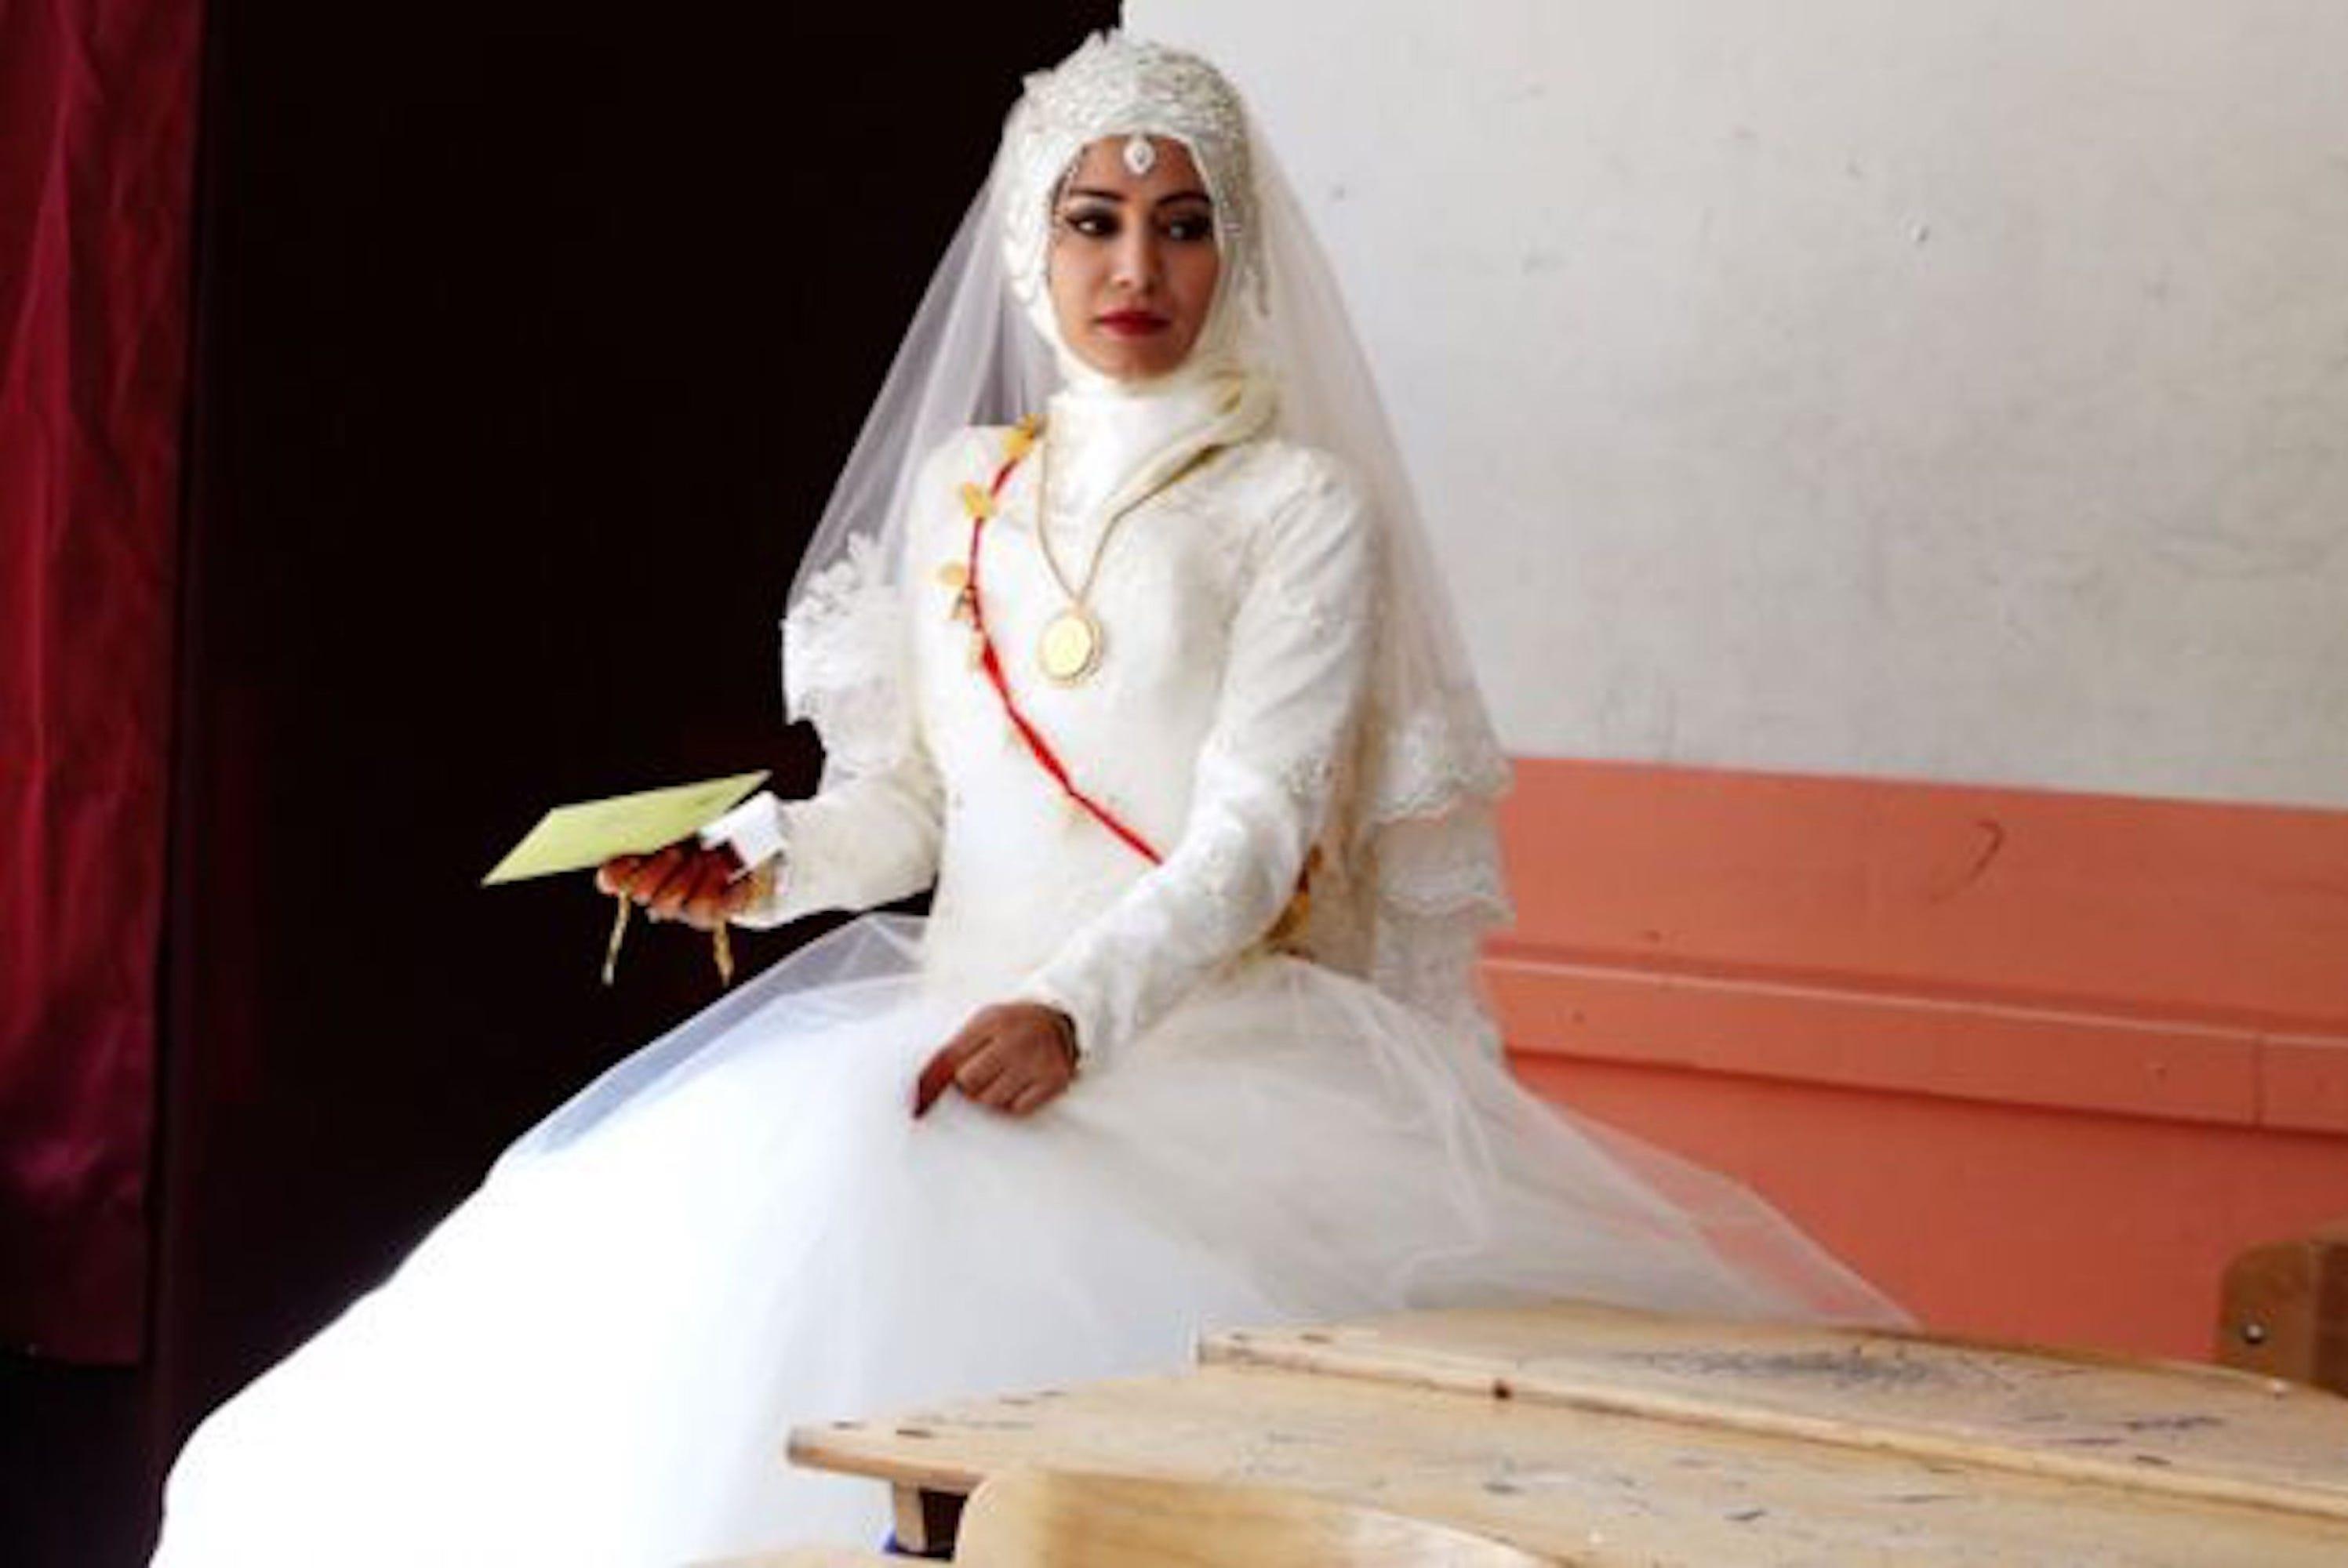 10 traditionelle Hochzeitskleider aus der ganzen Welt